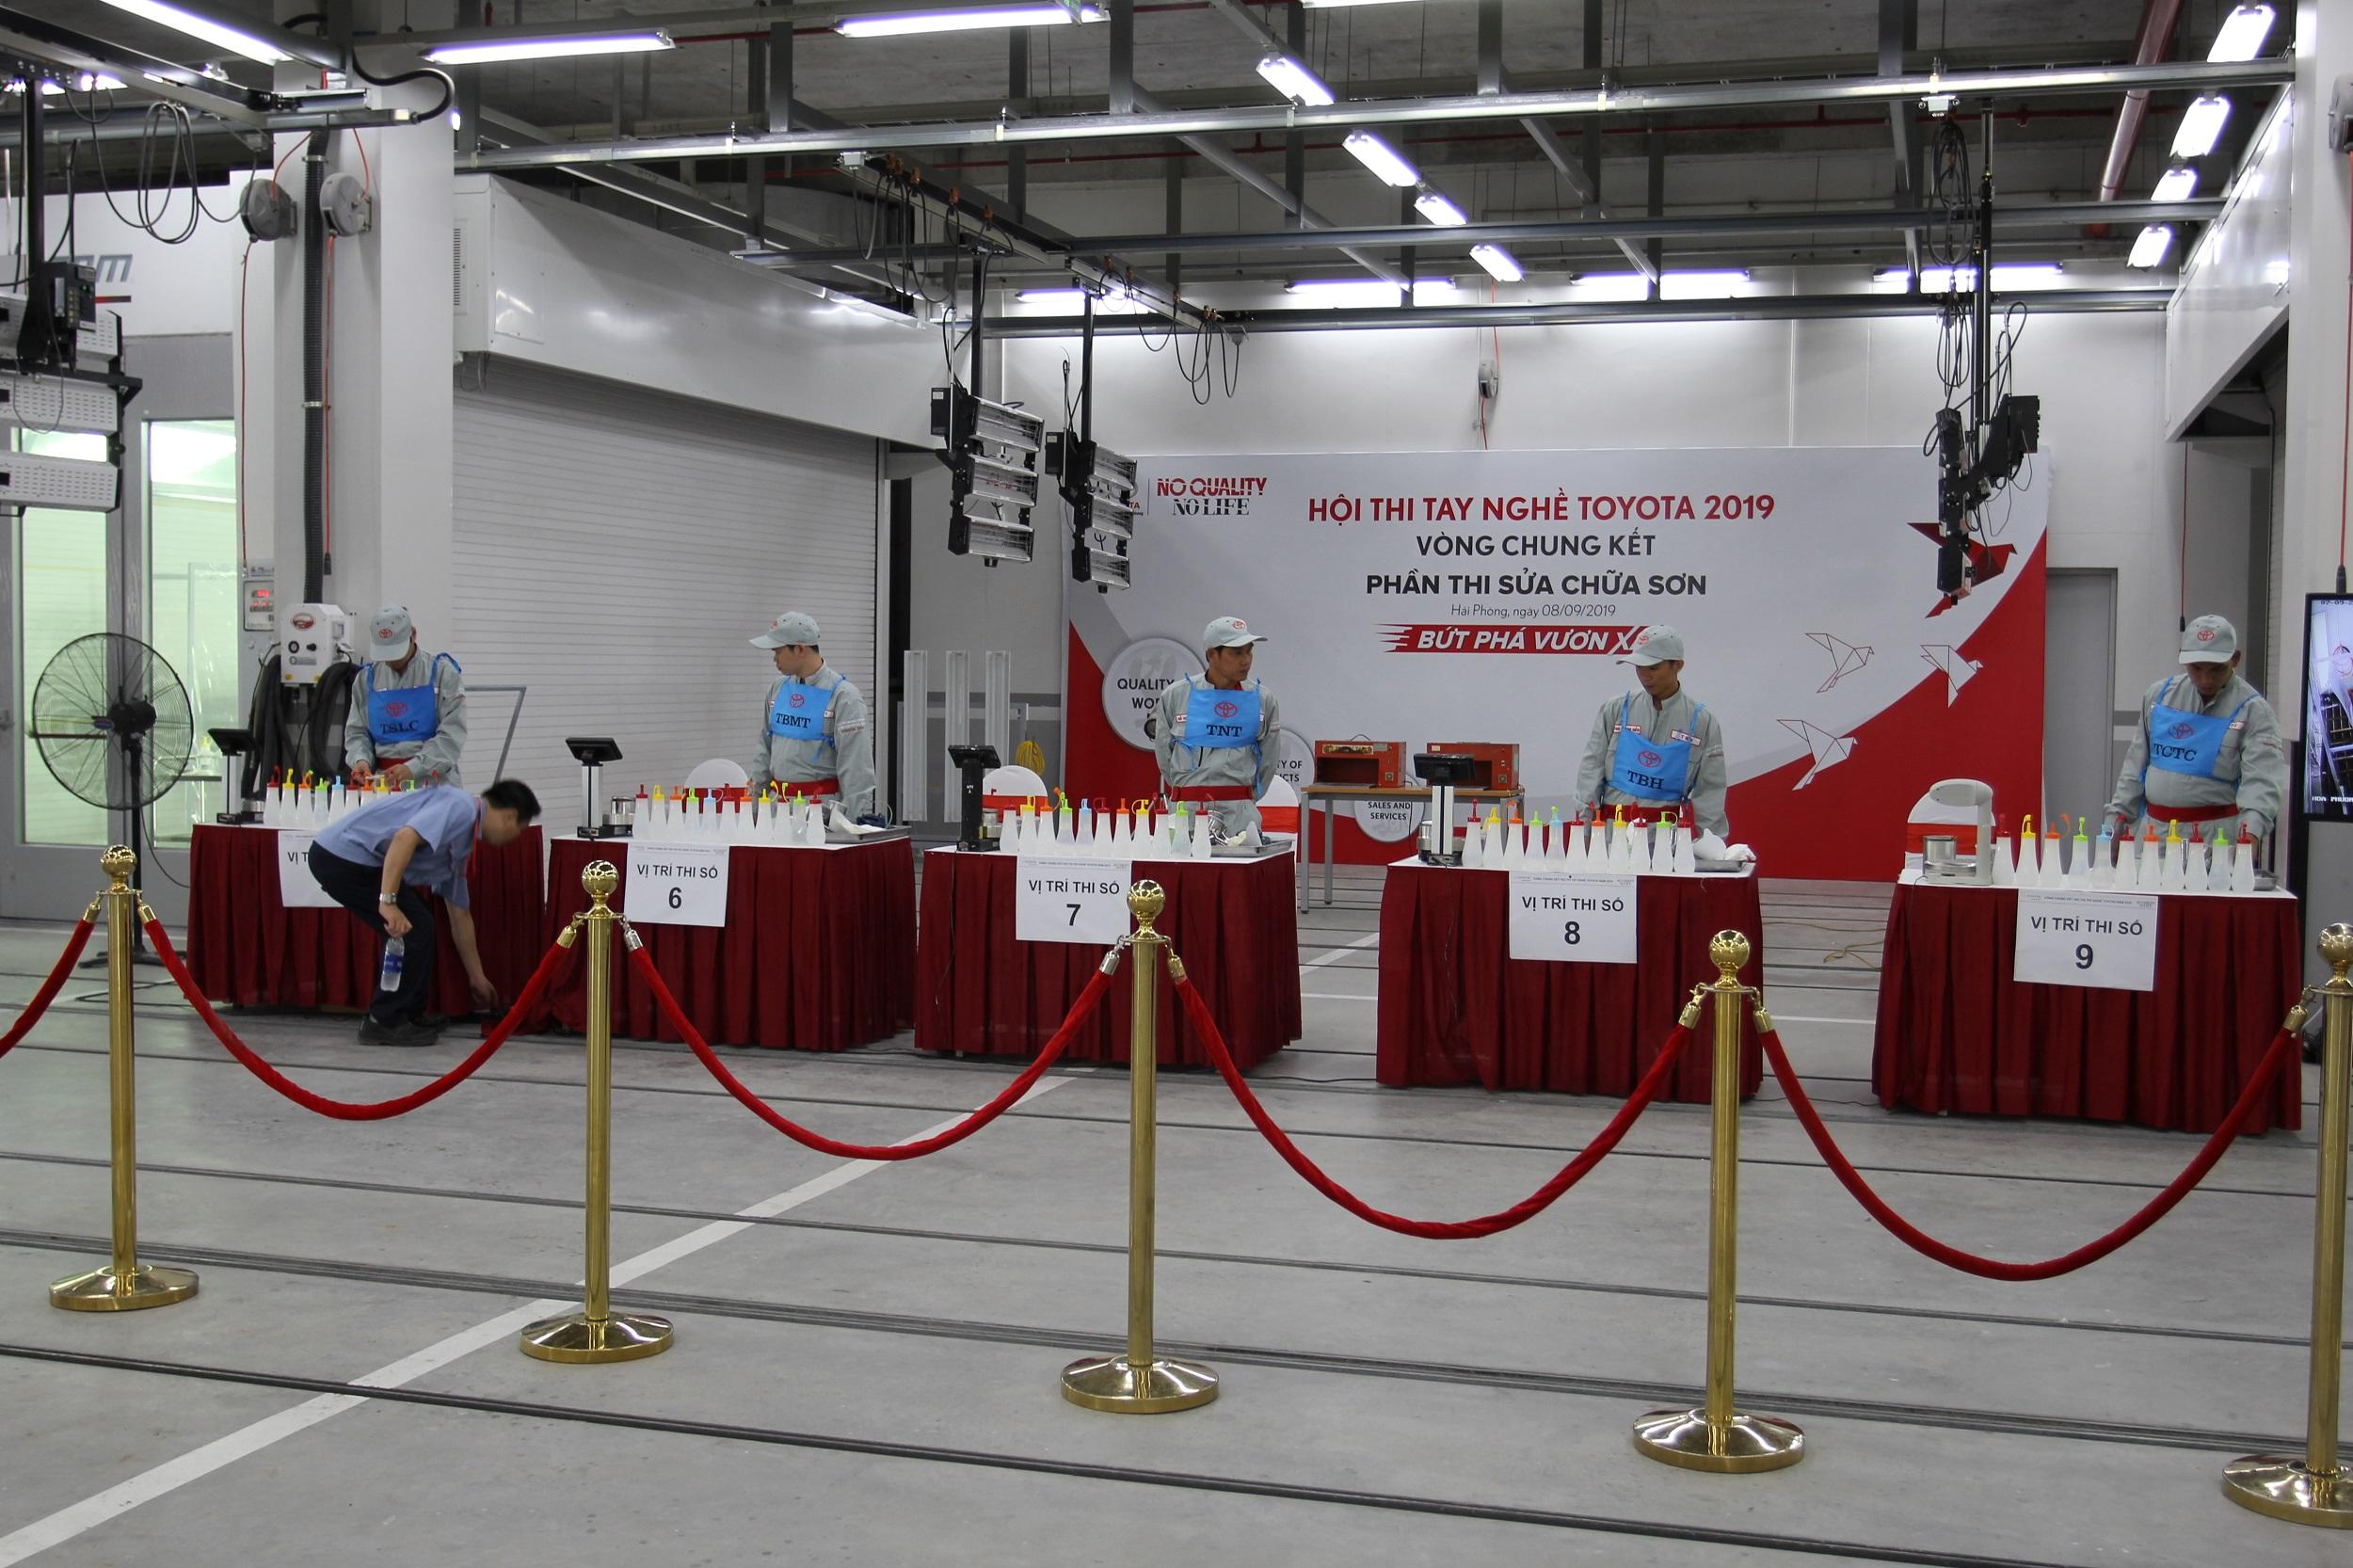 Toyota Việt Nam tổ chức vòng chung kết Hội thi tay nghề Toyota 2019